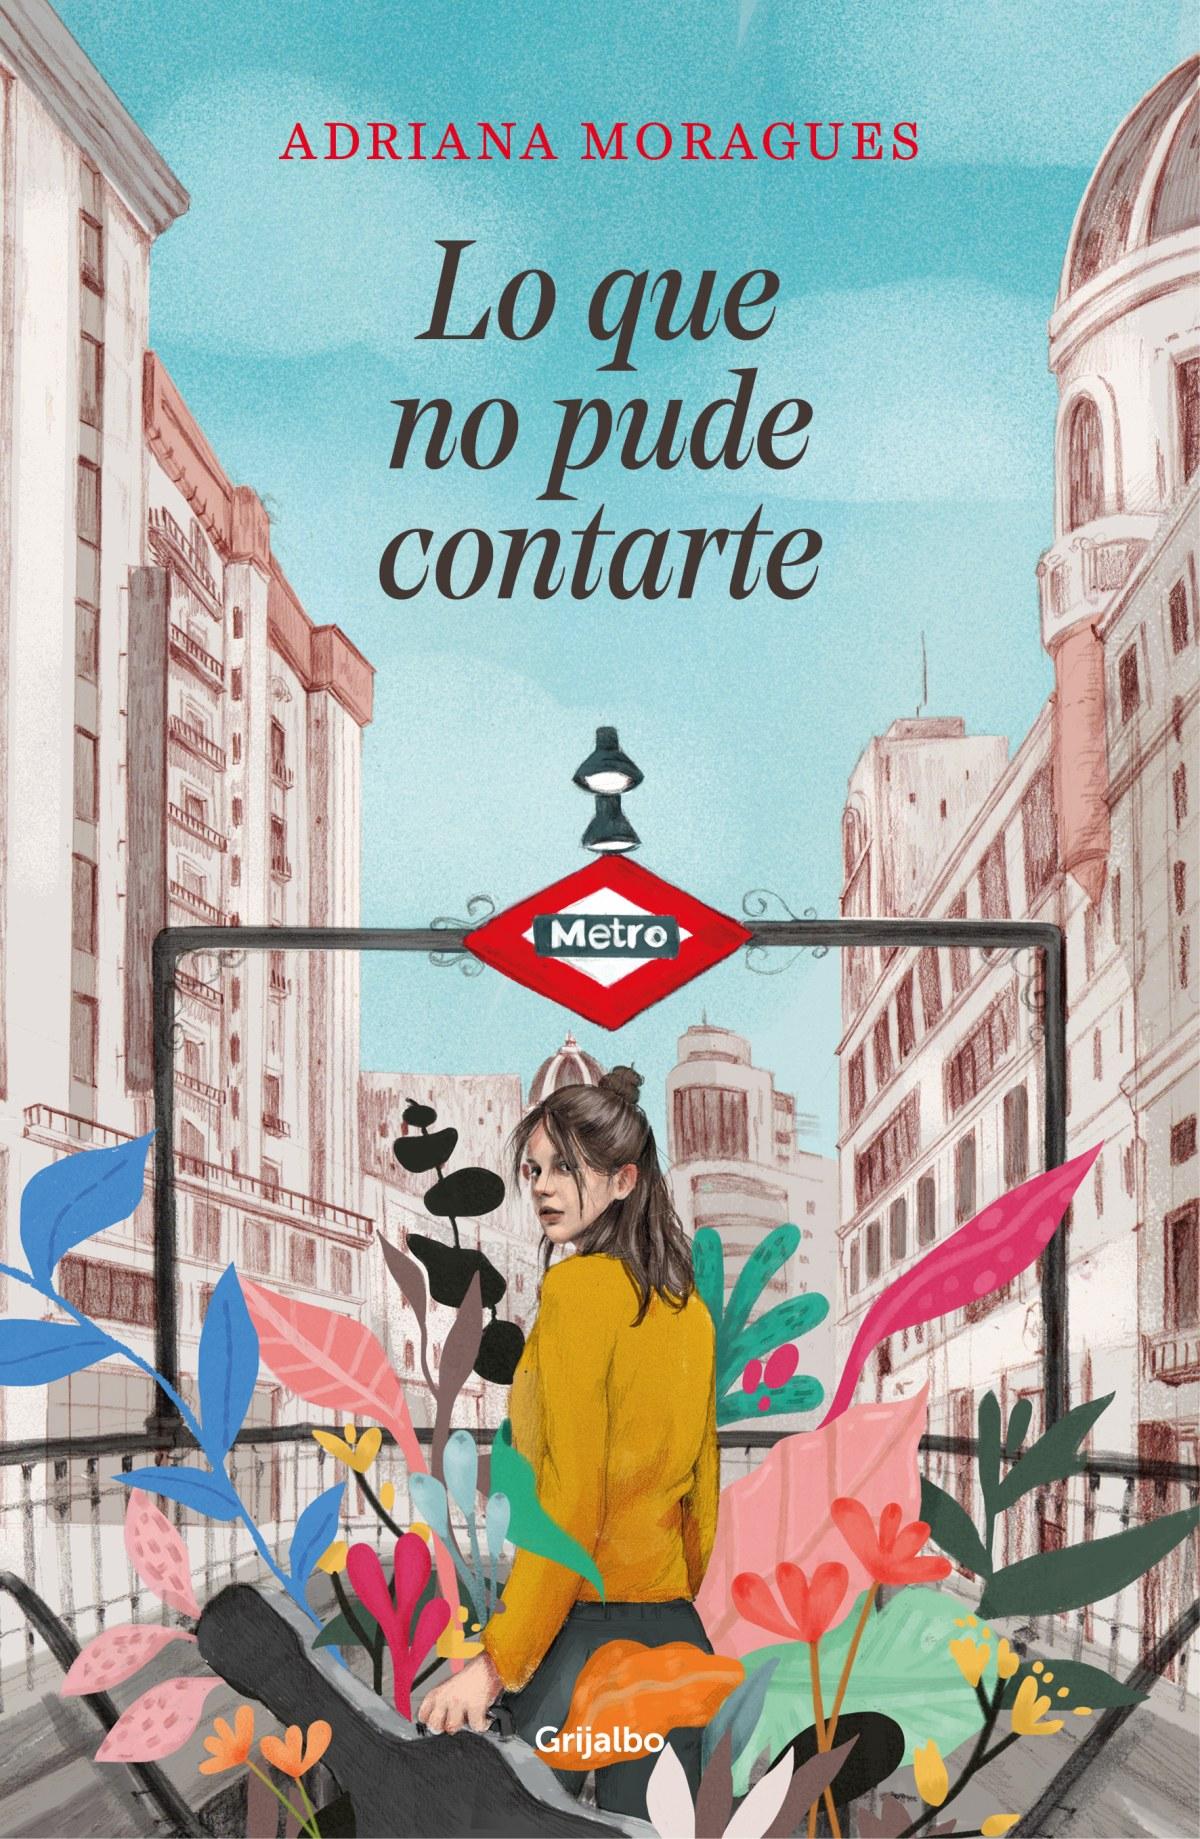 LO QUE NO PUDE CONTARTE 9788425356742